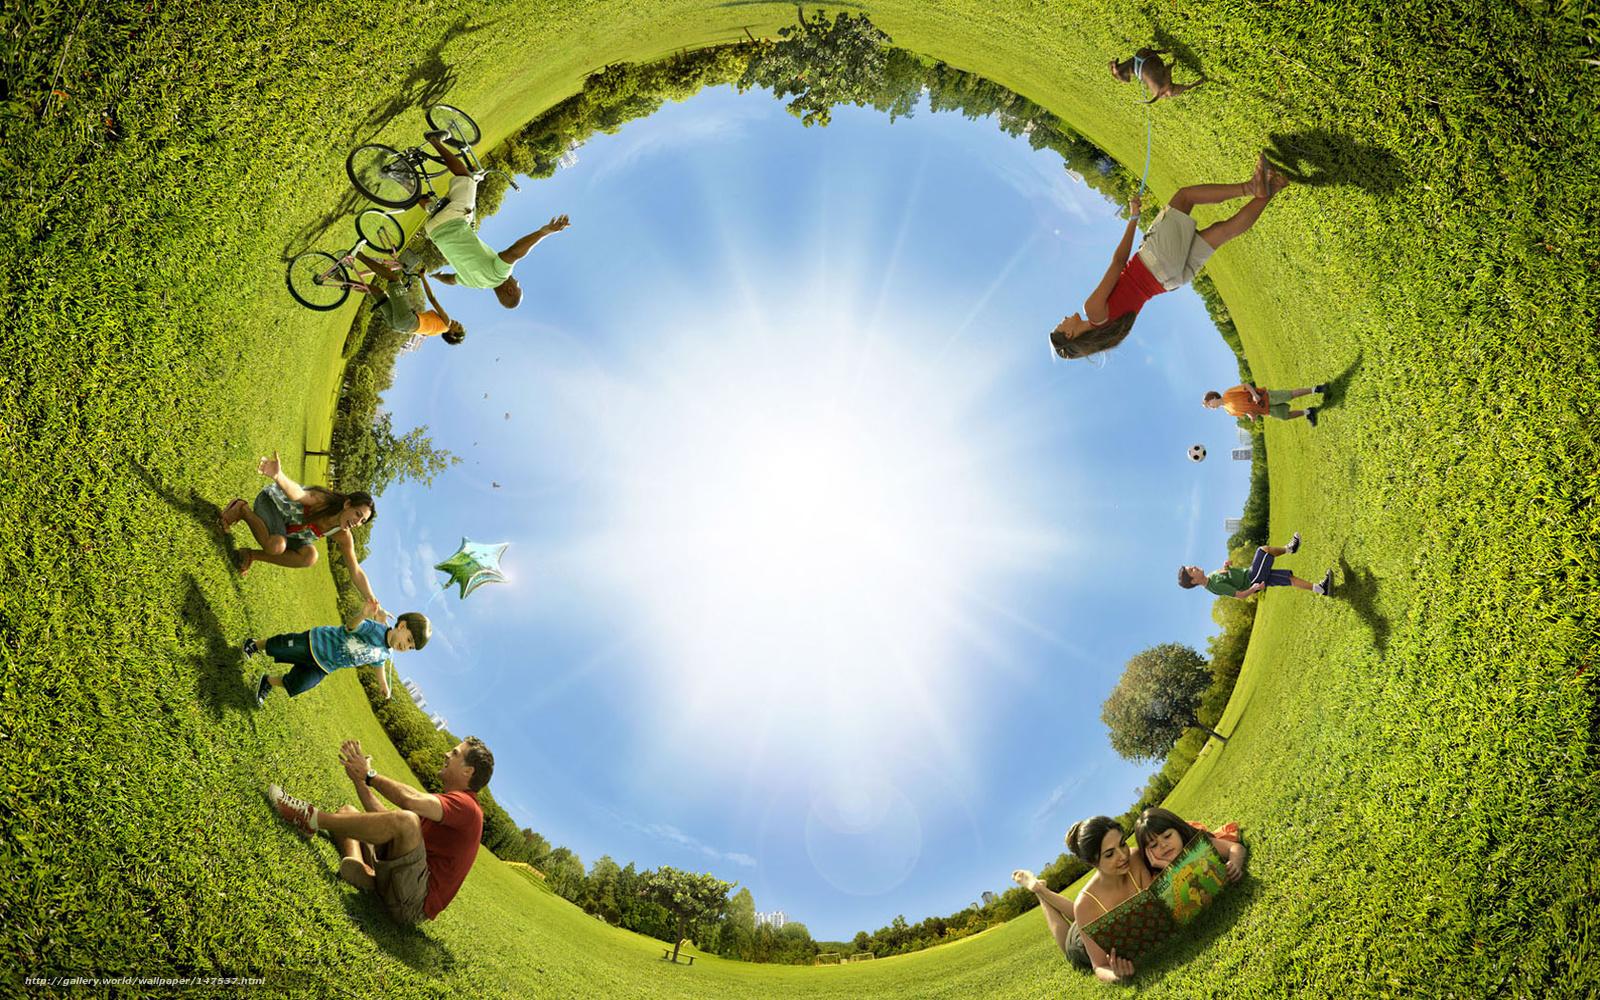 фотографии людей на природе: